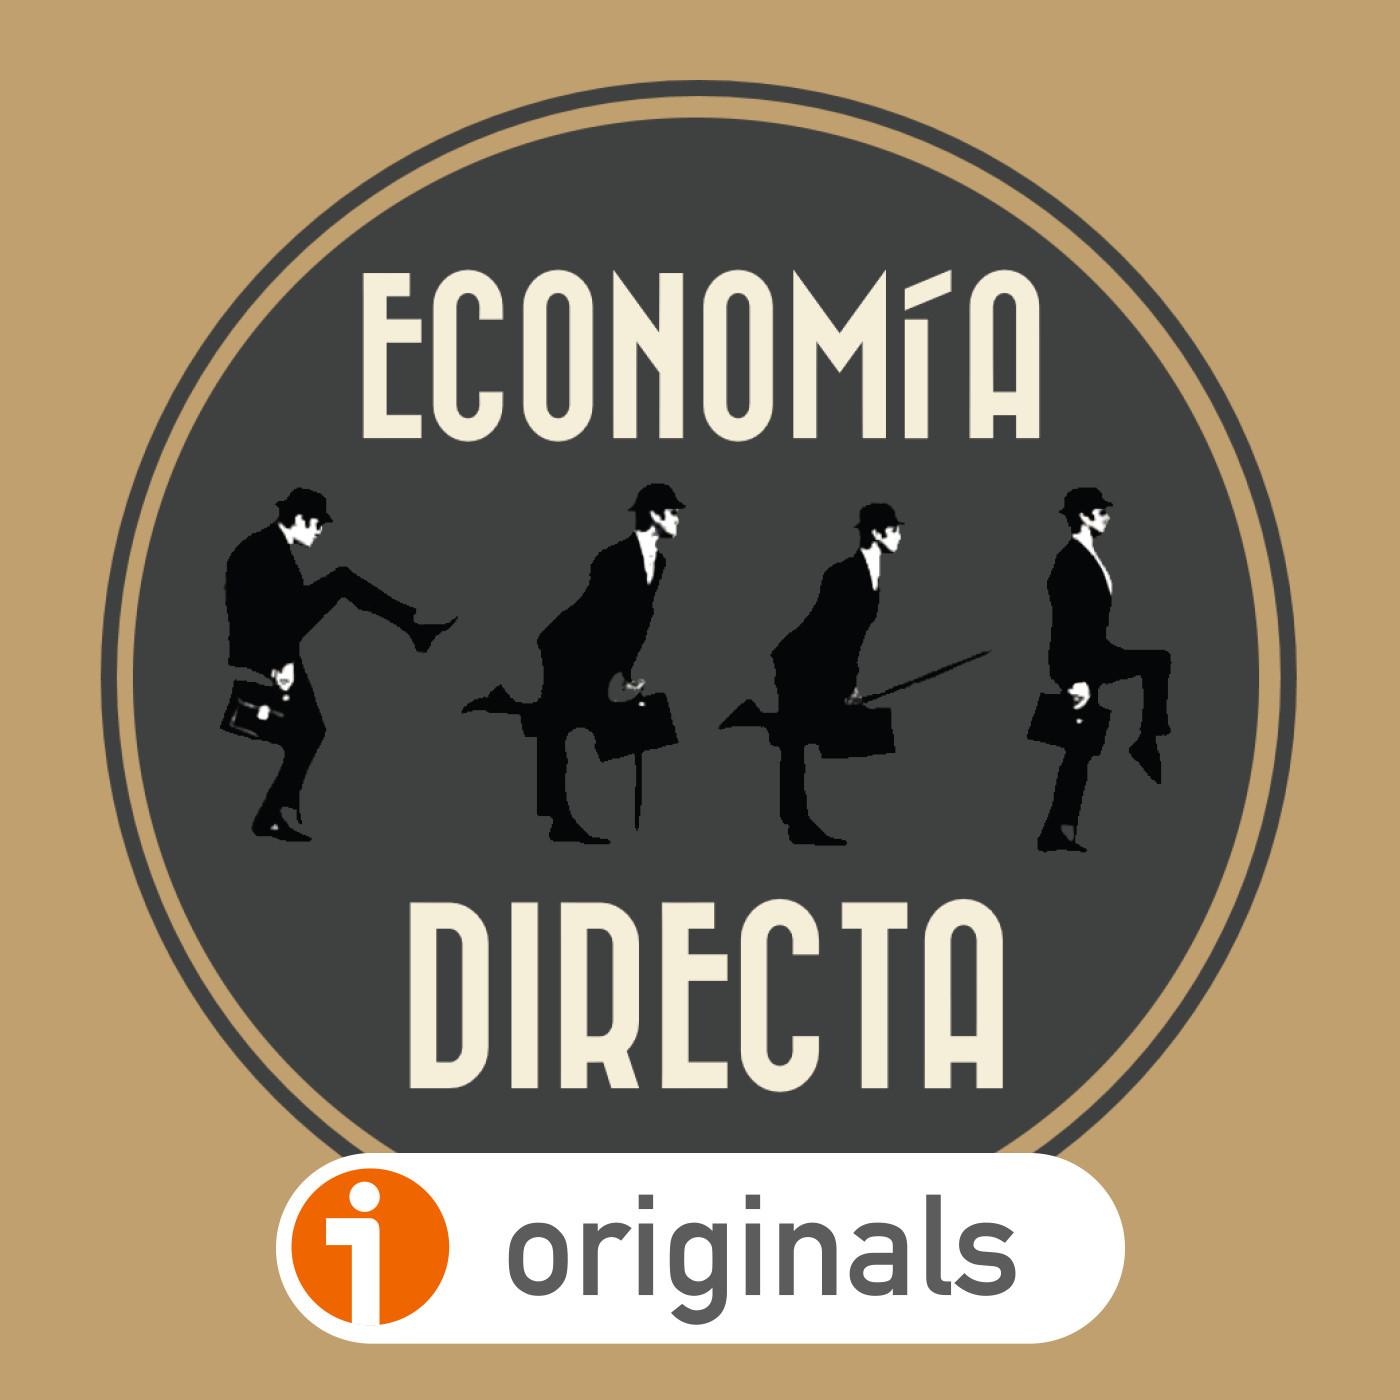 (Parte 1) Absolución general y confinamiento particular - Economía Directa